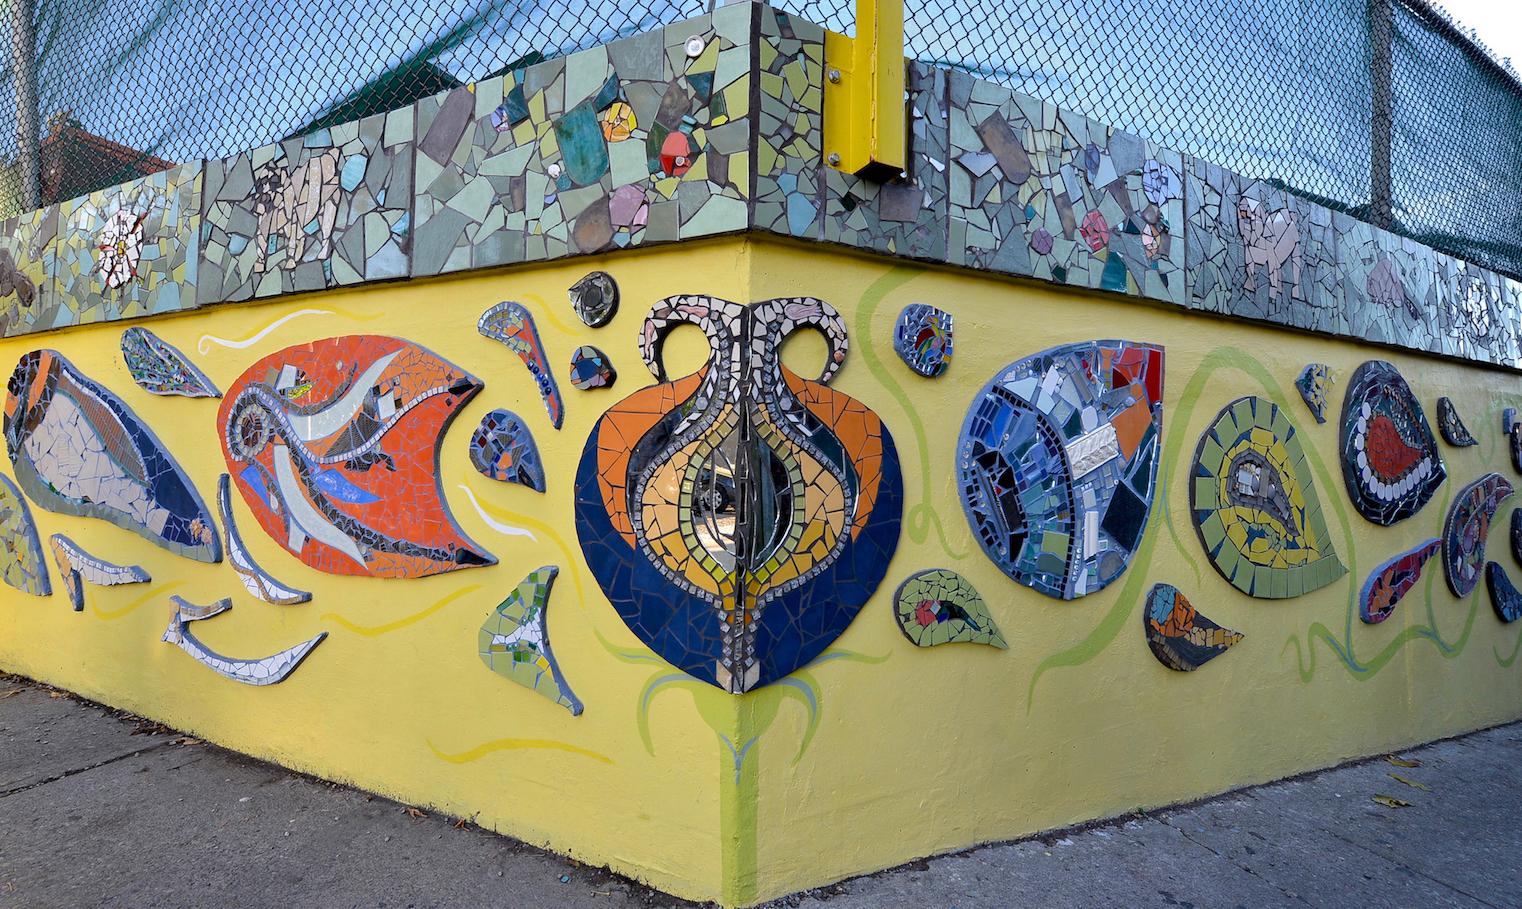 coxwell-laneway-mosaic-mural_corner